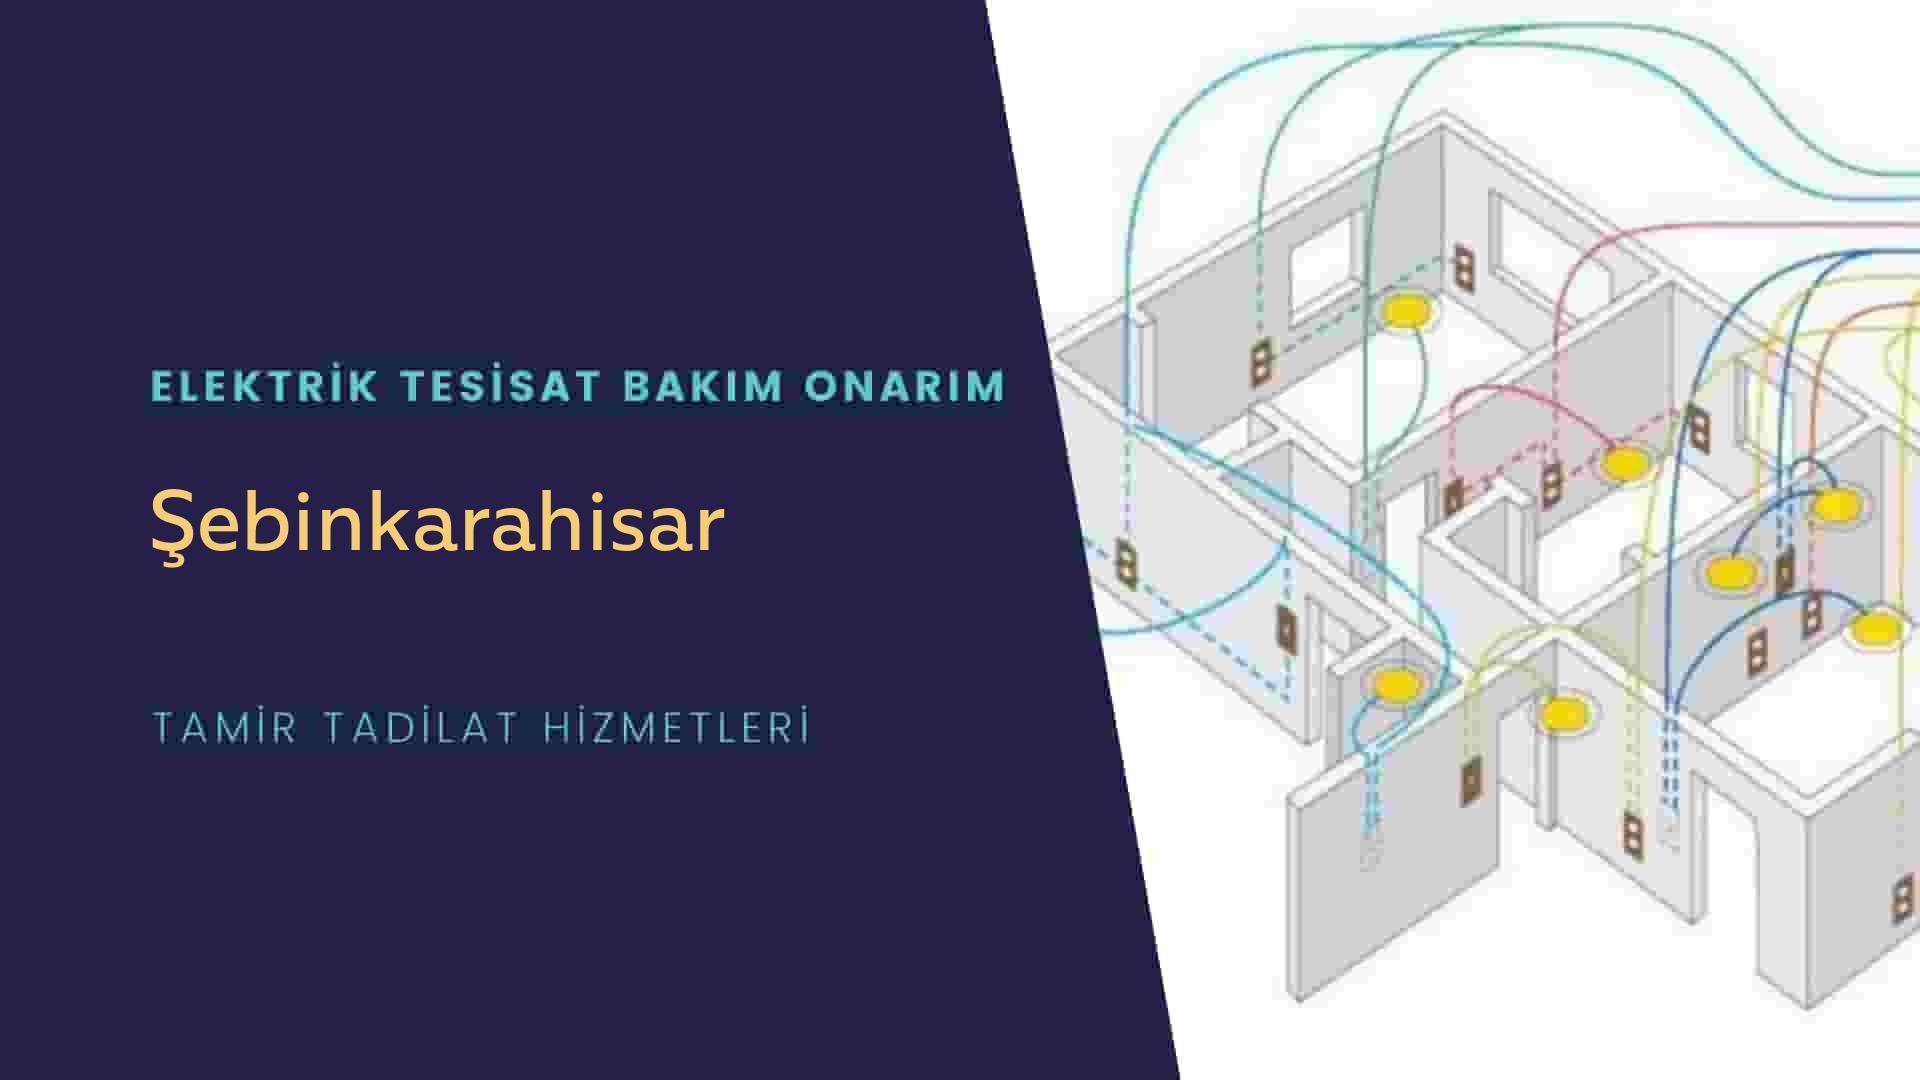 Şebinkarahisar'da elektrik tesisatıustalarımı arıyorsunuz doğru adrestenizi Şebinkarahisar elektrik tesisatı ustalarımız 7/24 sizlere hizmet vermekten mutluluk duyar.